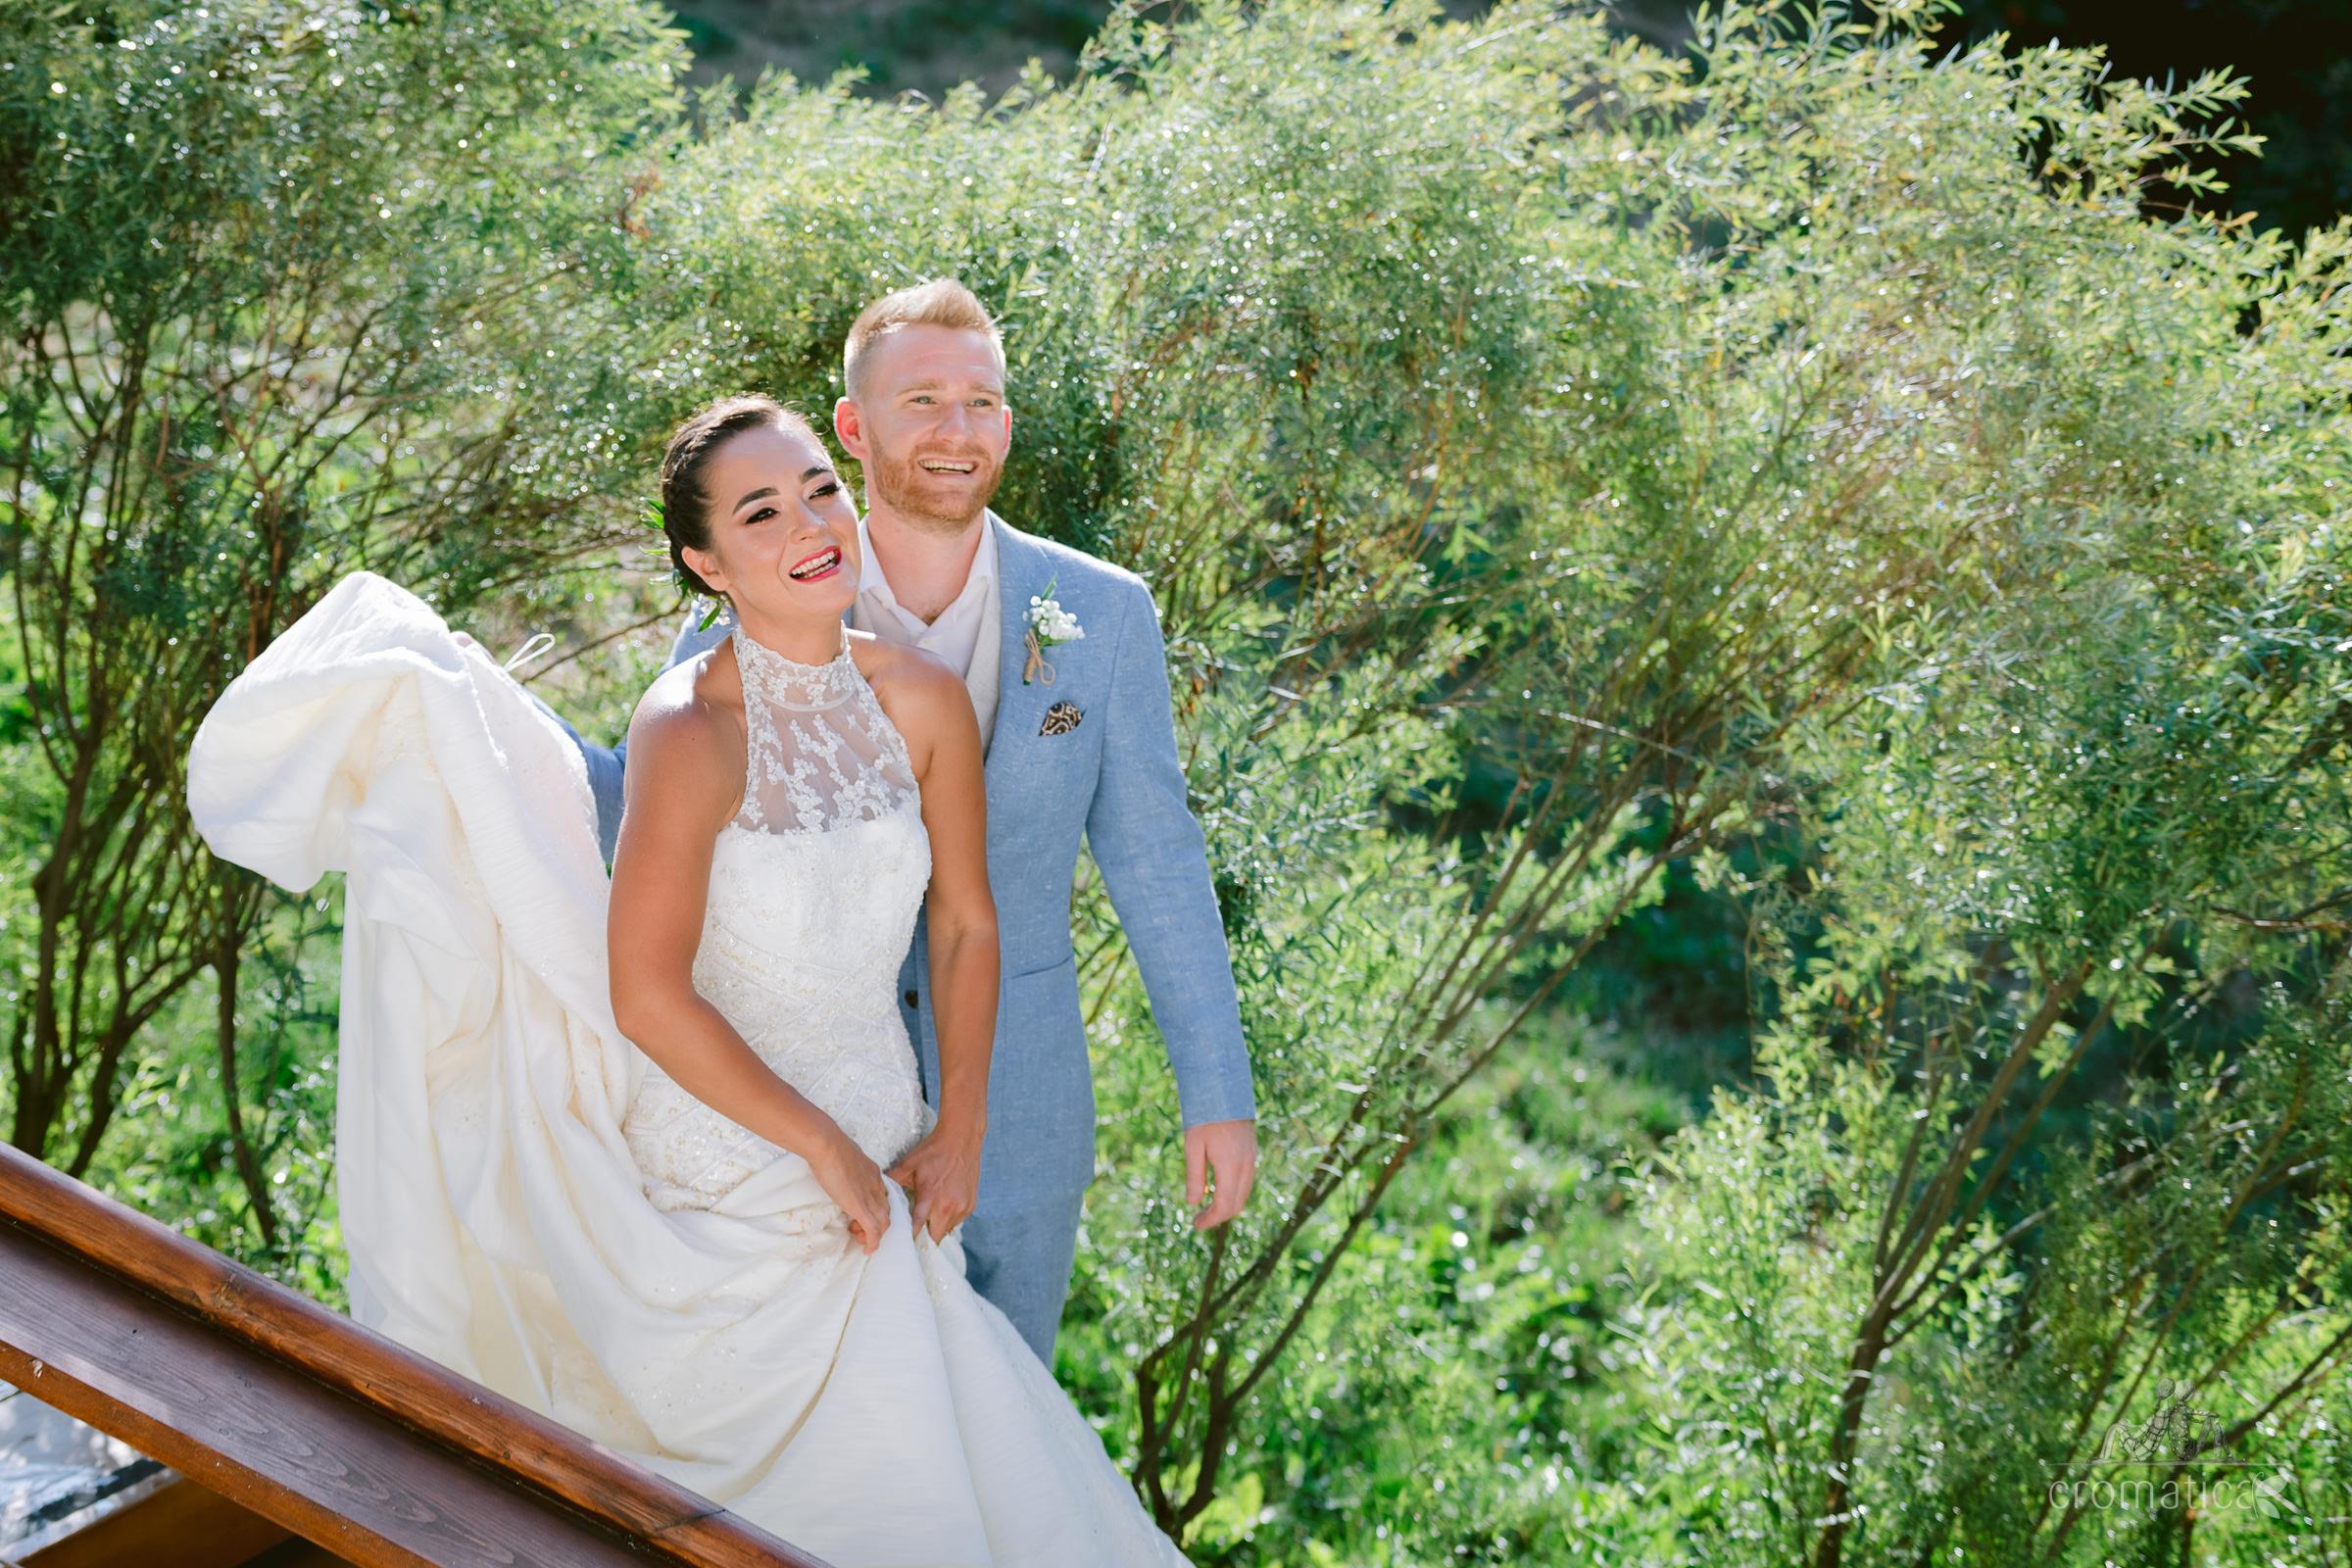 georgiana robert fotografii nunta casa vlasia 034